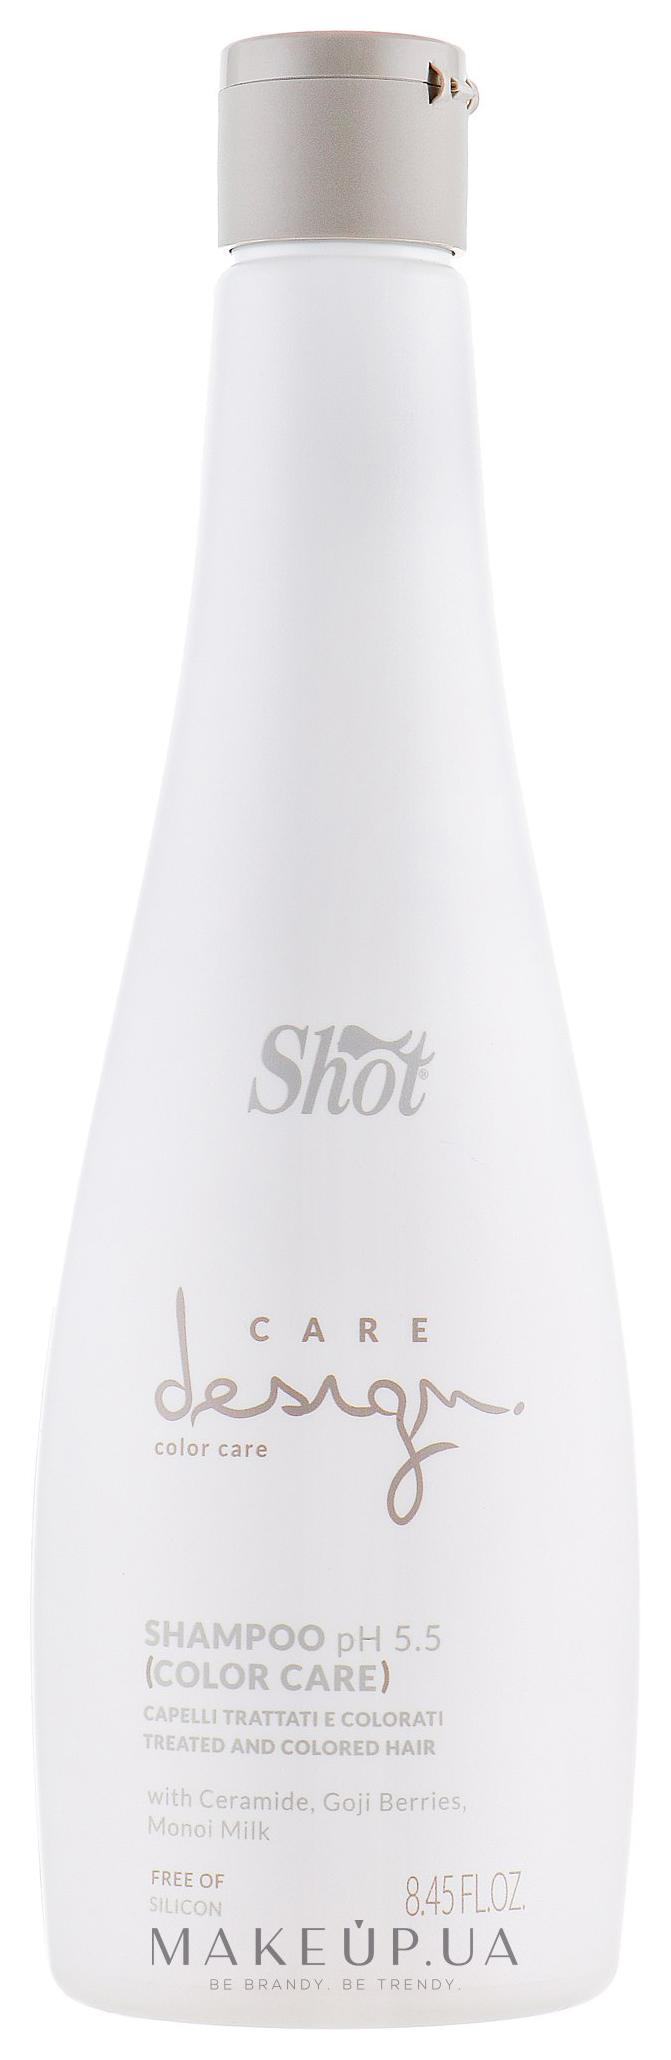 Шампунь Shot Для окрашенных волос 1000 мл